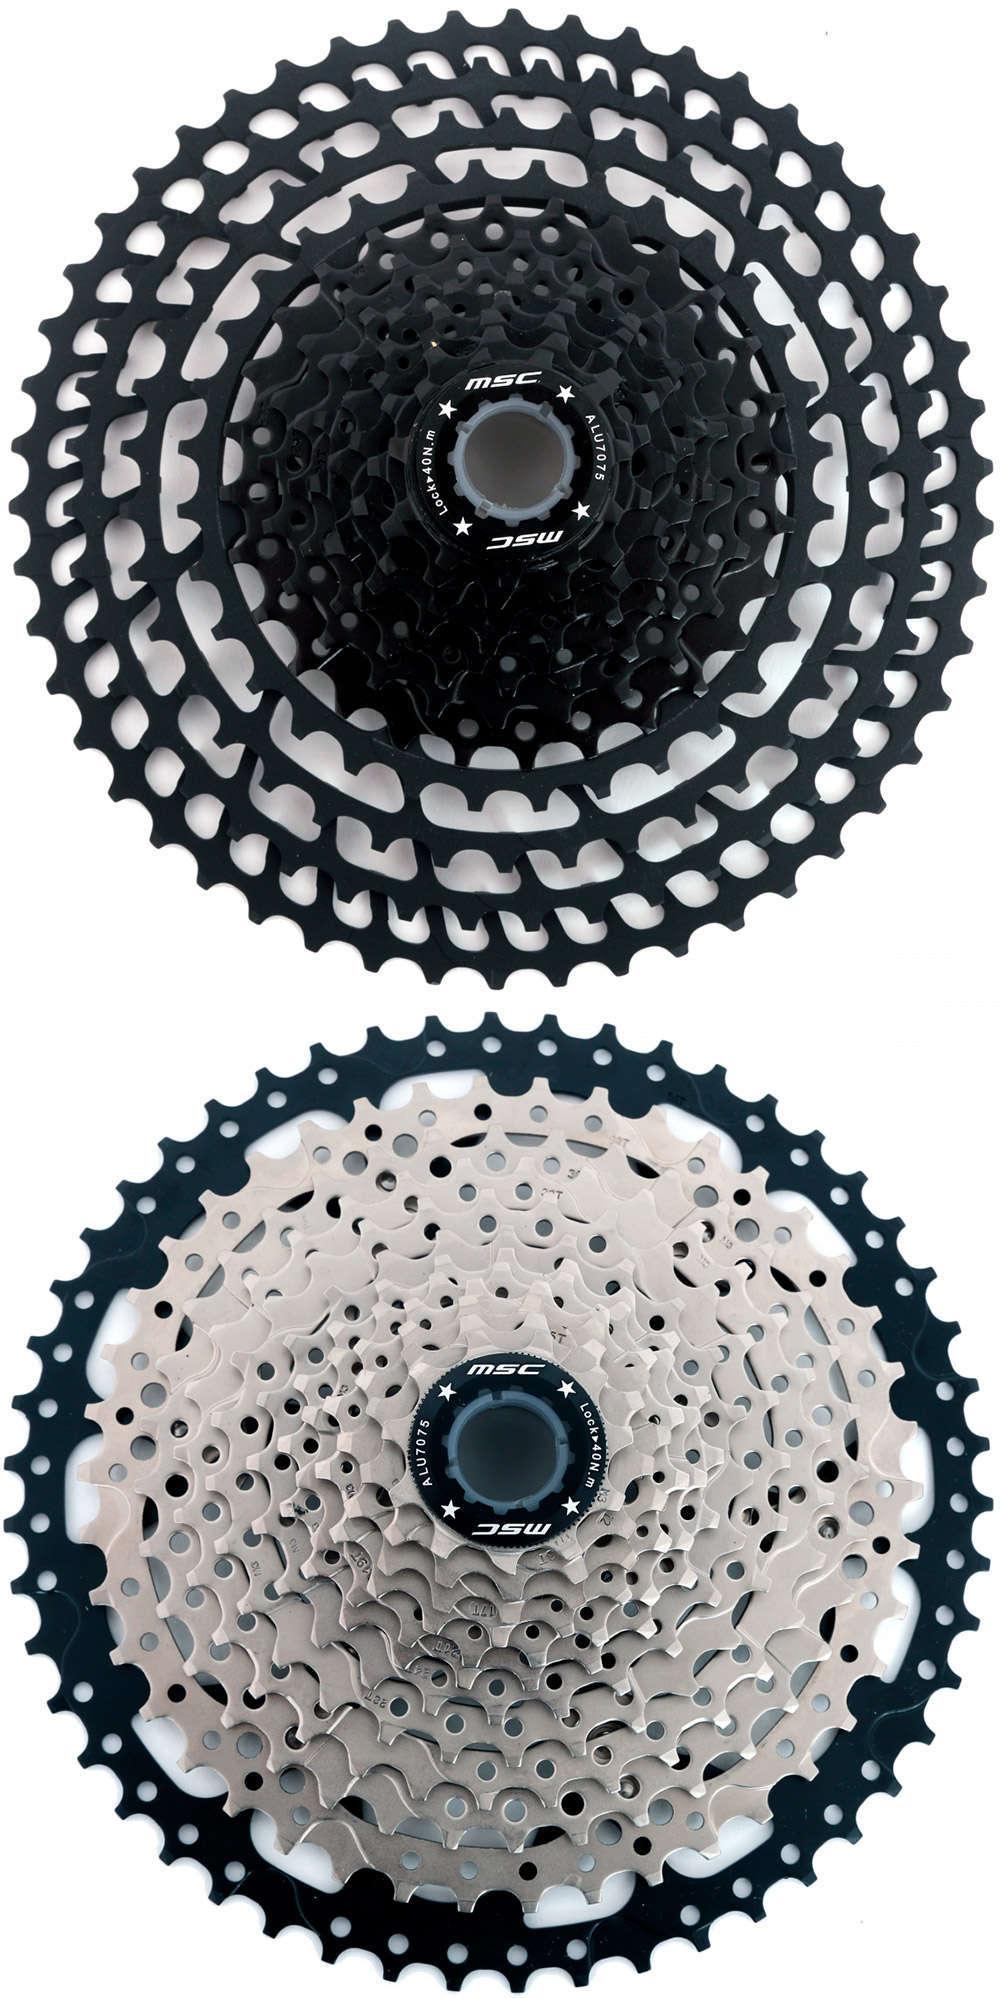 En TodoMountainBike: MSC Bikes lanza una completa gama de cassettes MTB de 12, 11, 10, 9, 8 y 7 velocidades